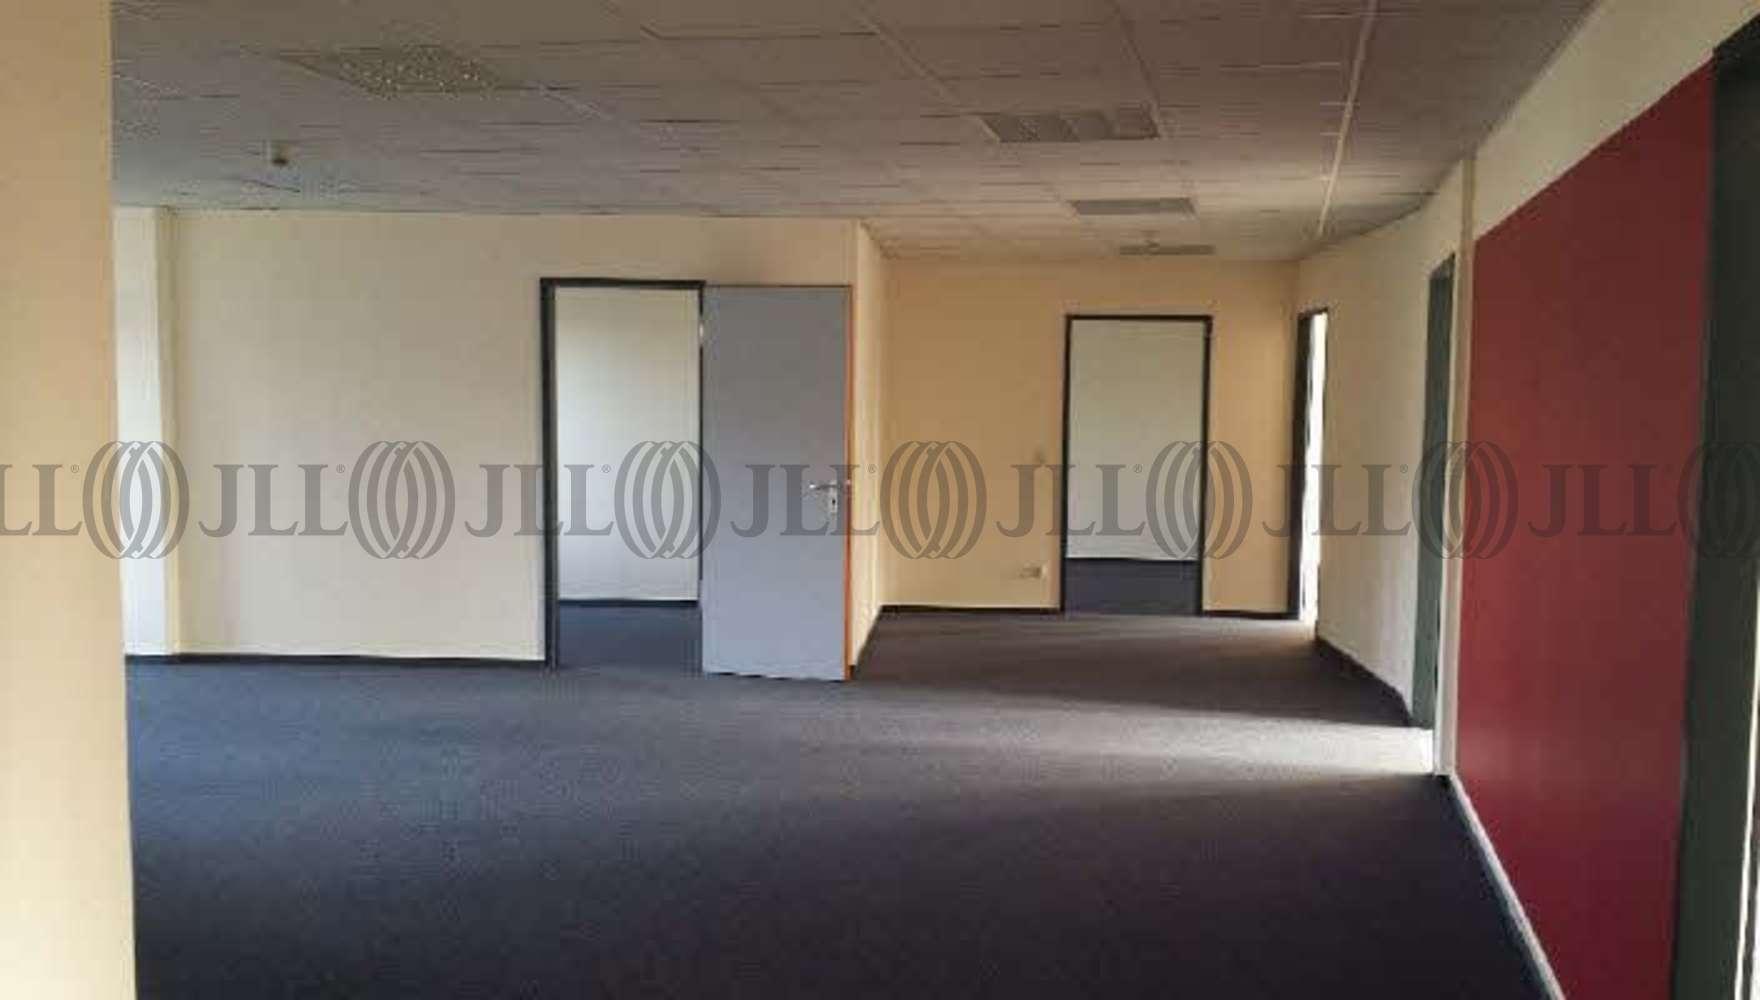 Büros Frankfurt am main, 60386 - Büro - Frankfurt am Main, Frankfurt - F1667 - 9529565